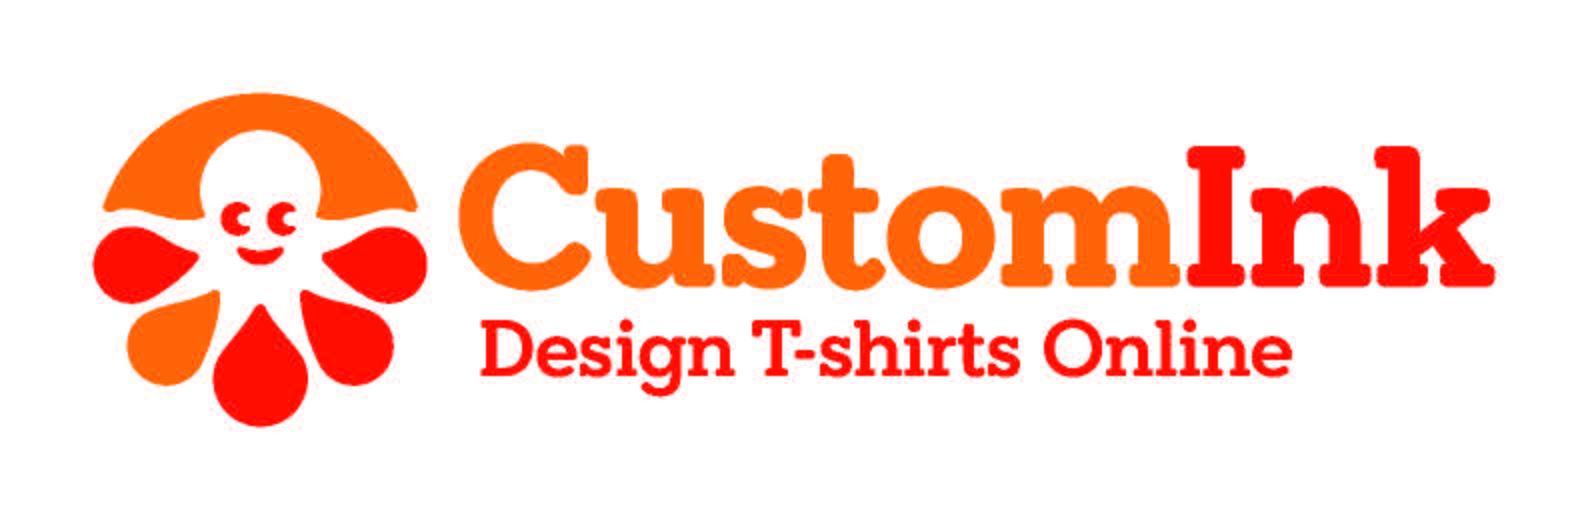 Image result for customink logo